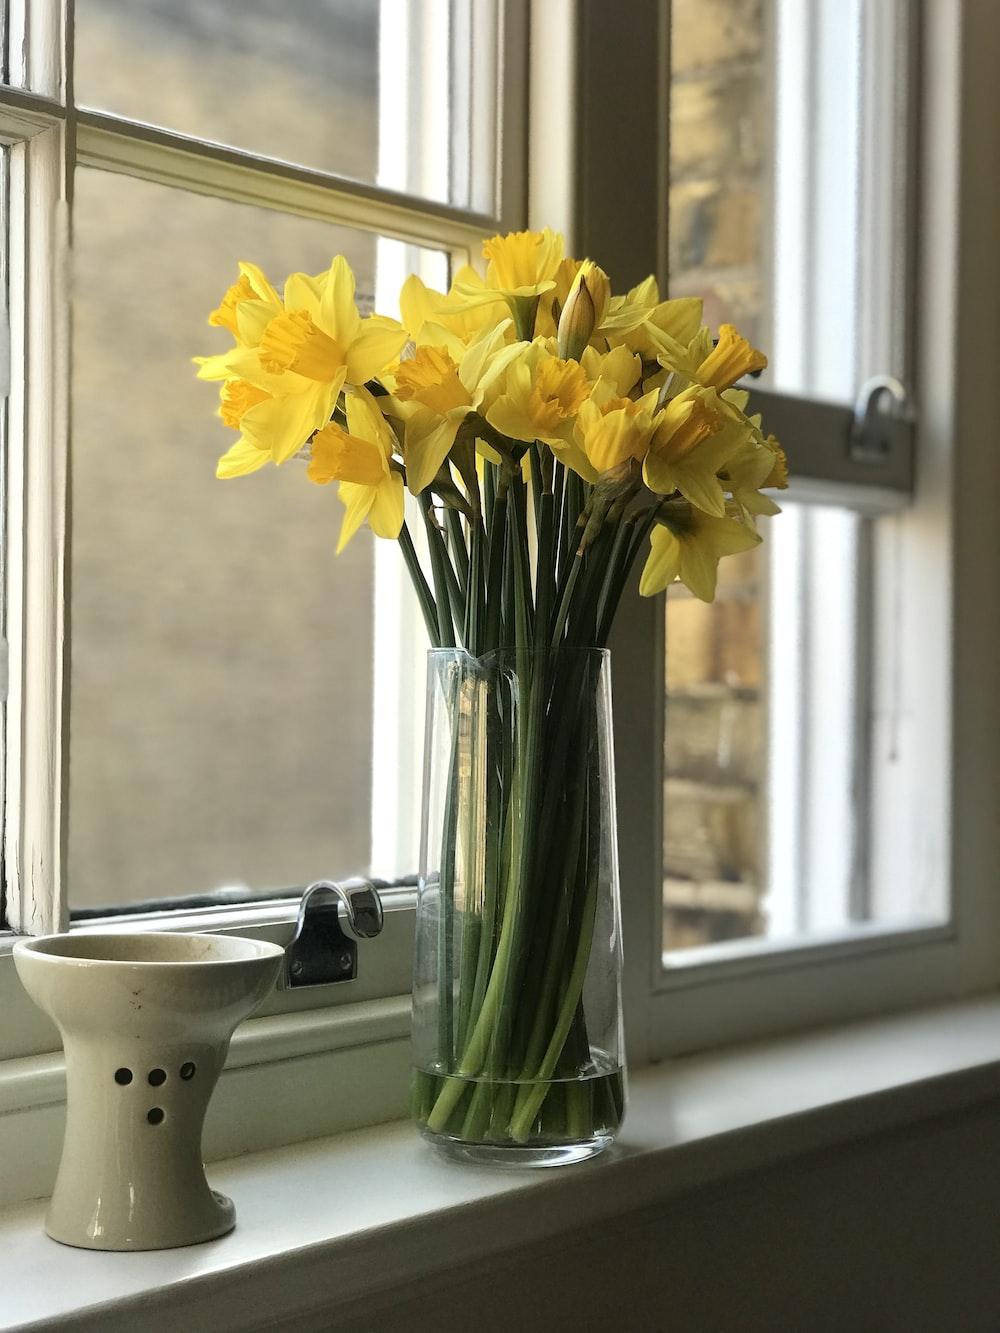 yellow flowers in vase beside window